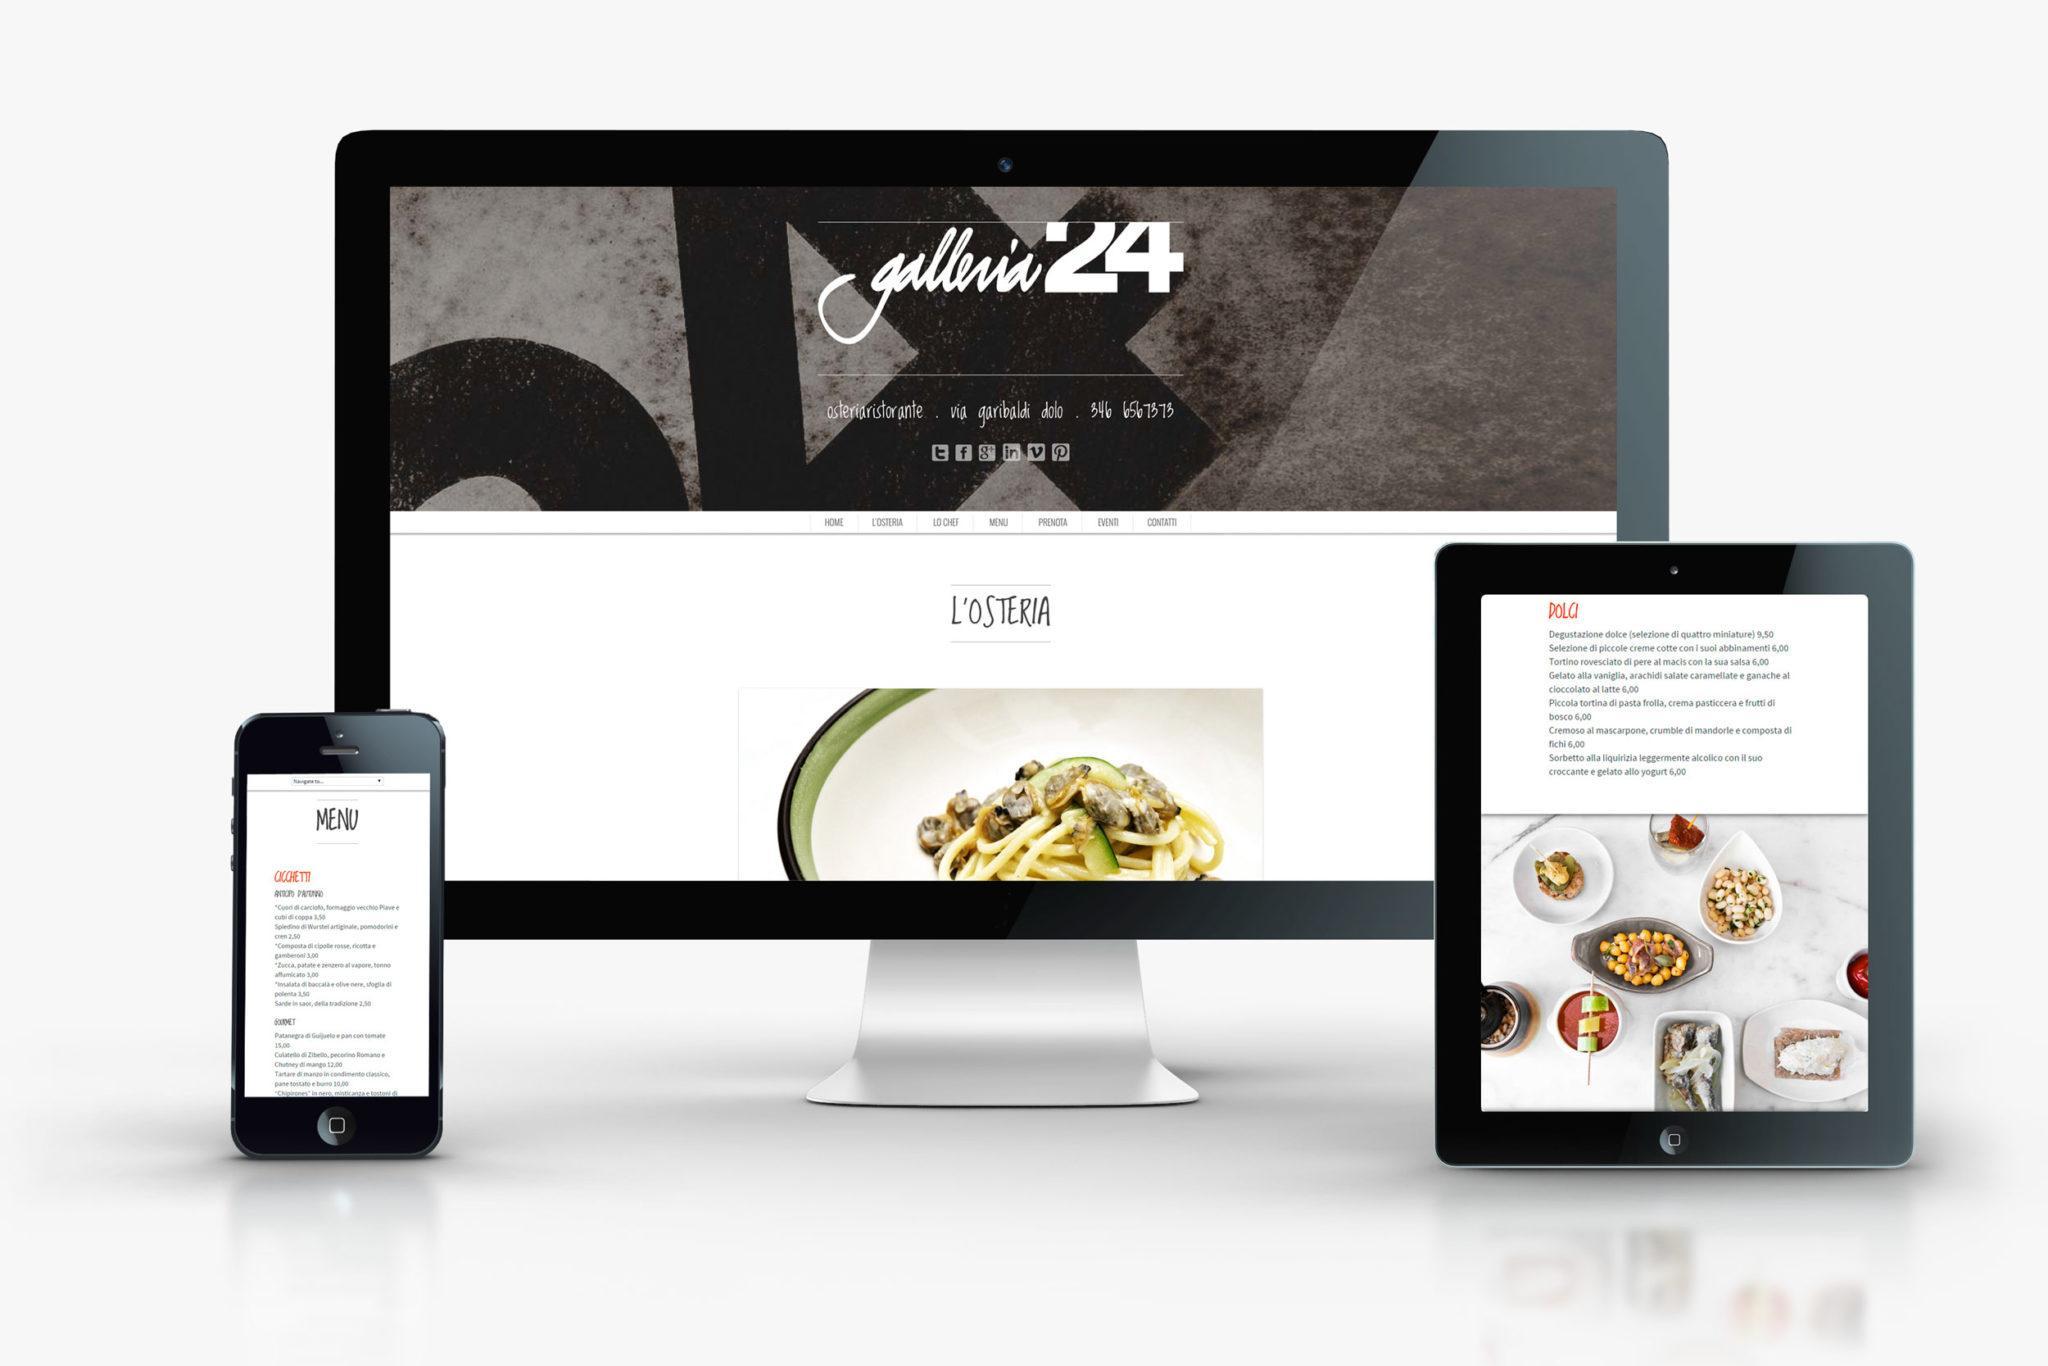 obliquo-design-galleria24-responsive